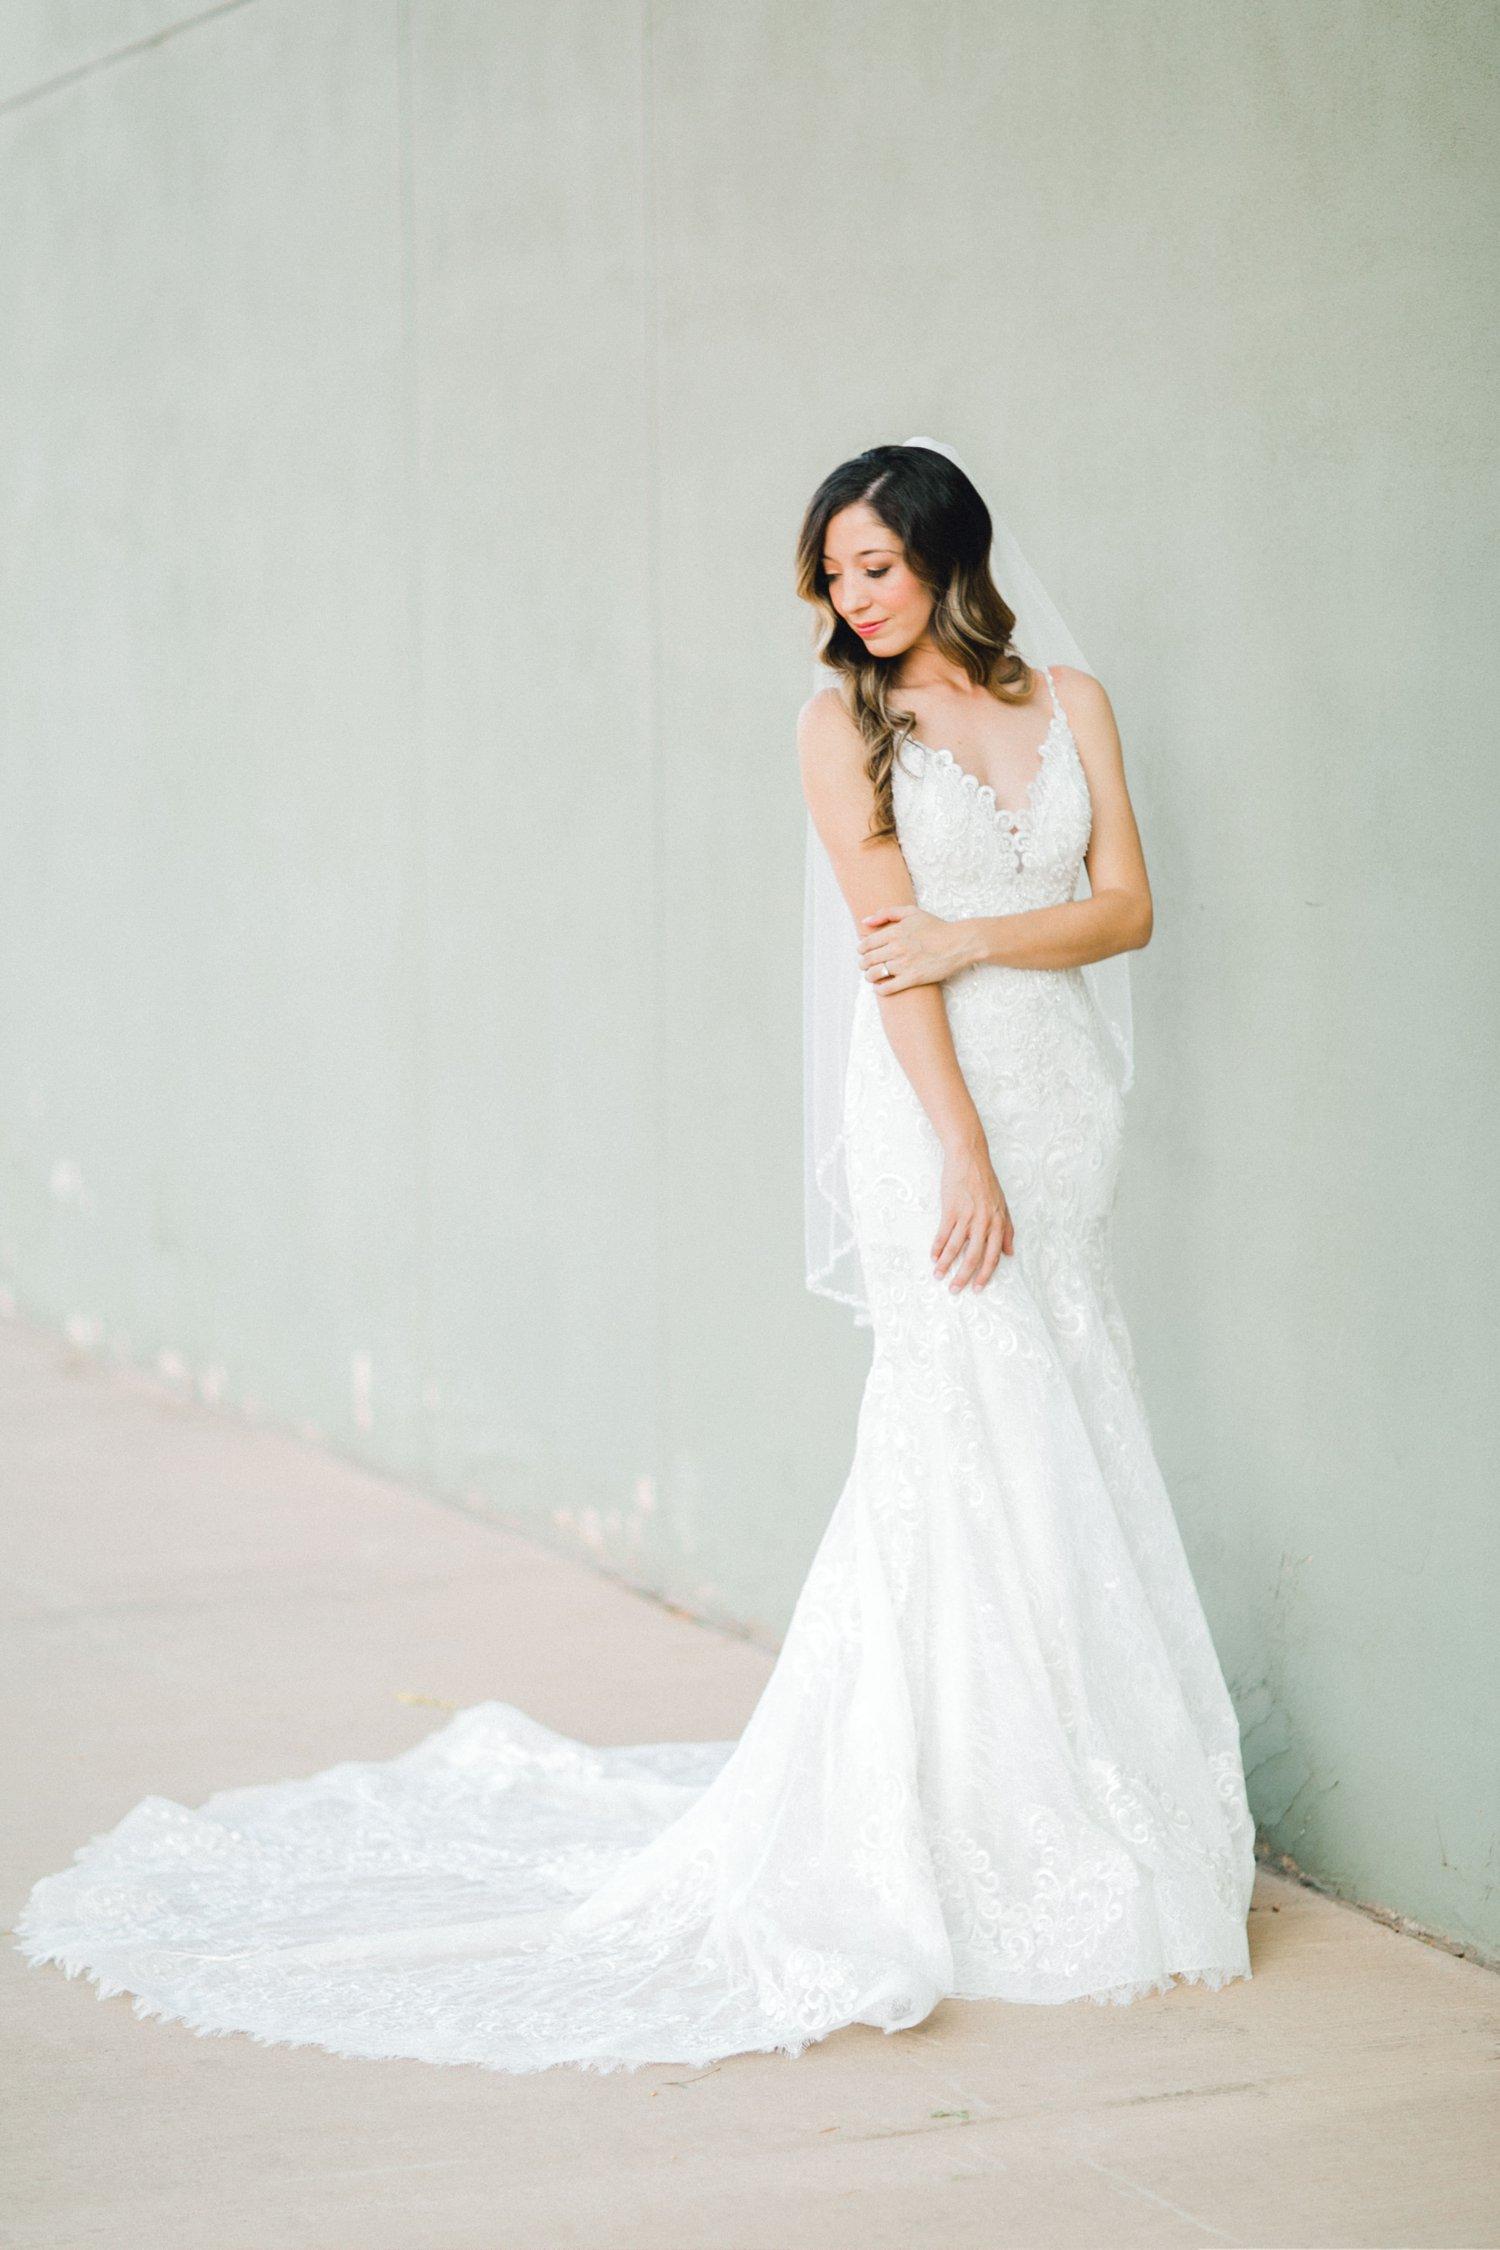 Ashley_Parr_Bridals_ALLEEJ_caprock_winery_romantic_elegant0007.jpg